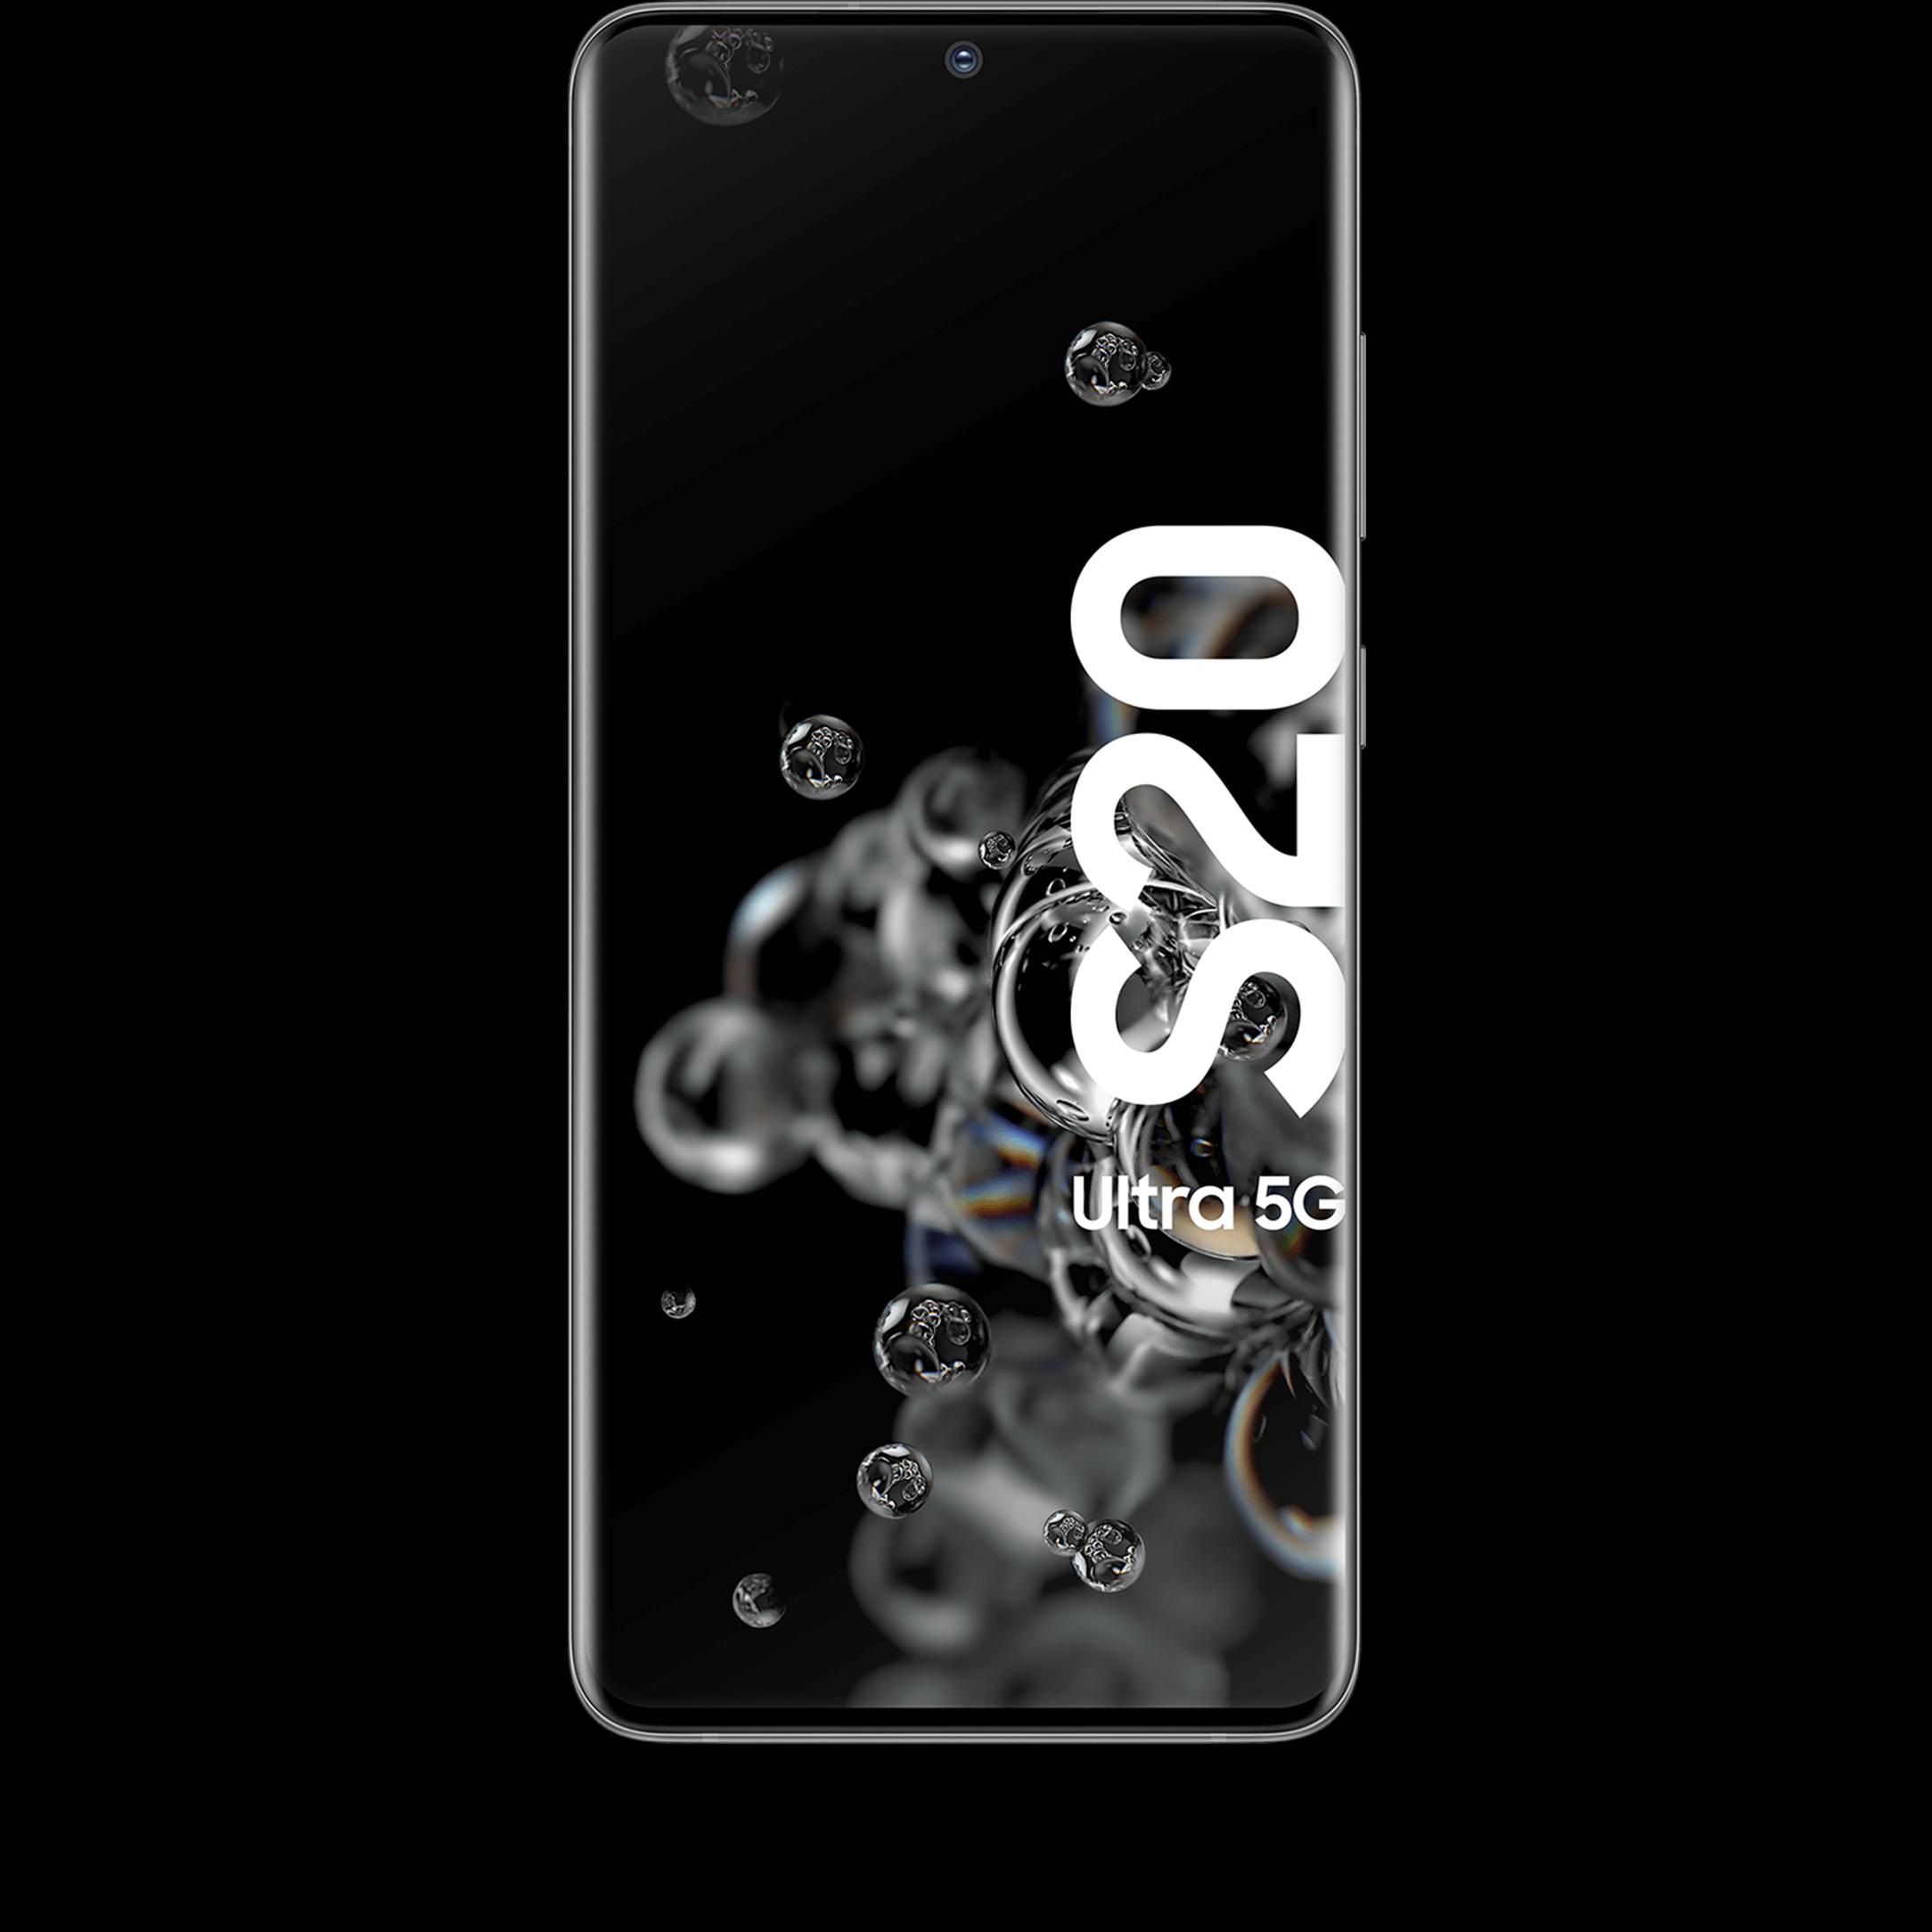 Günstig Kaufen beim Preisvergleich-Samsung Galaxy S20 Ultra 5G 128 GB gray mit Allnet Flat L